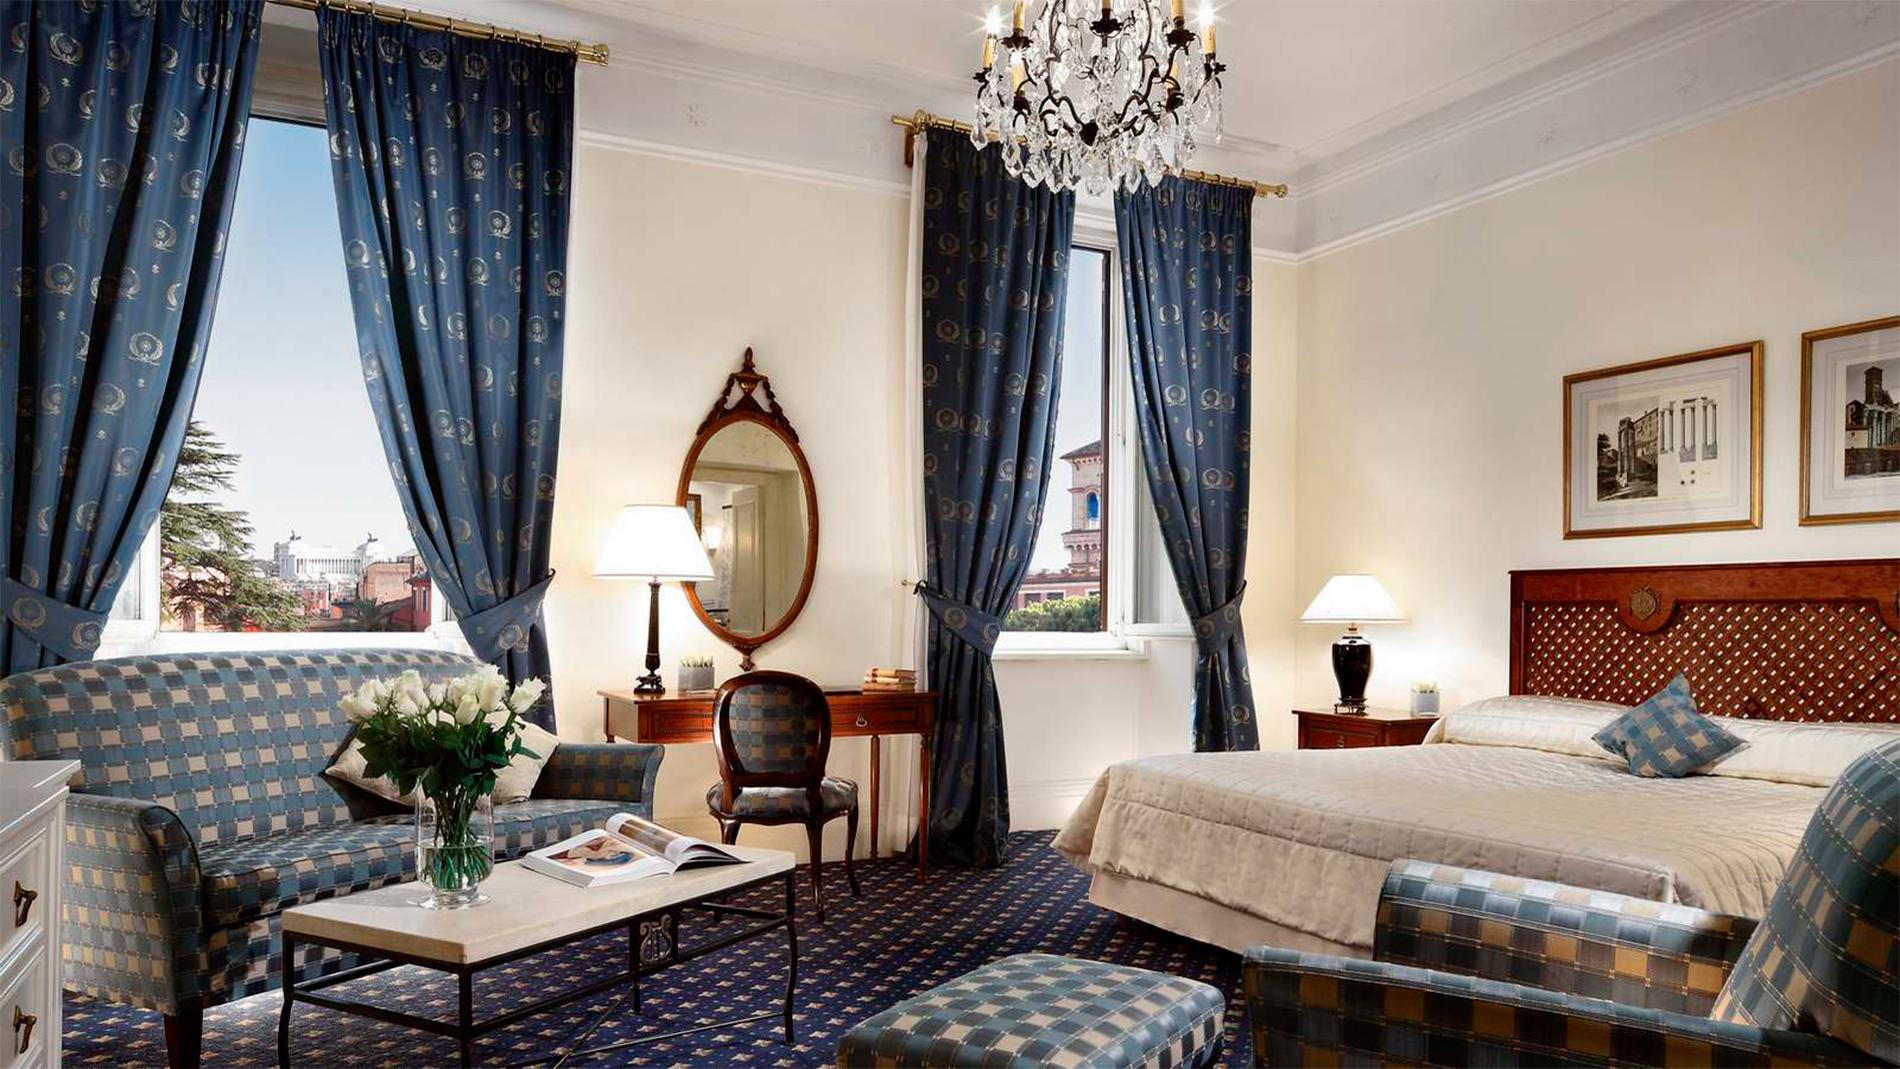 Arredi per hotel arredamenti per alberghi e hotel for Arredamenti per hotel di lusso